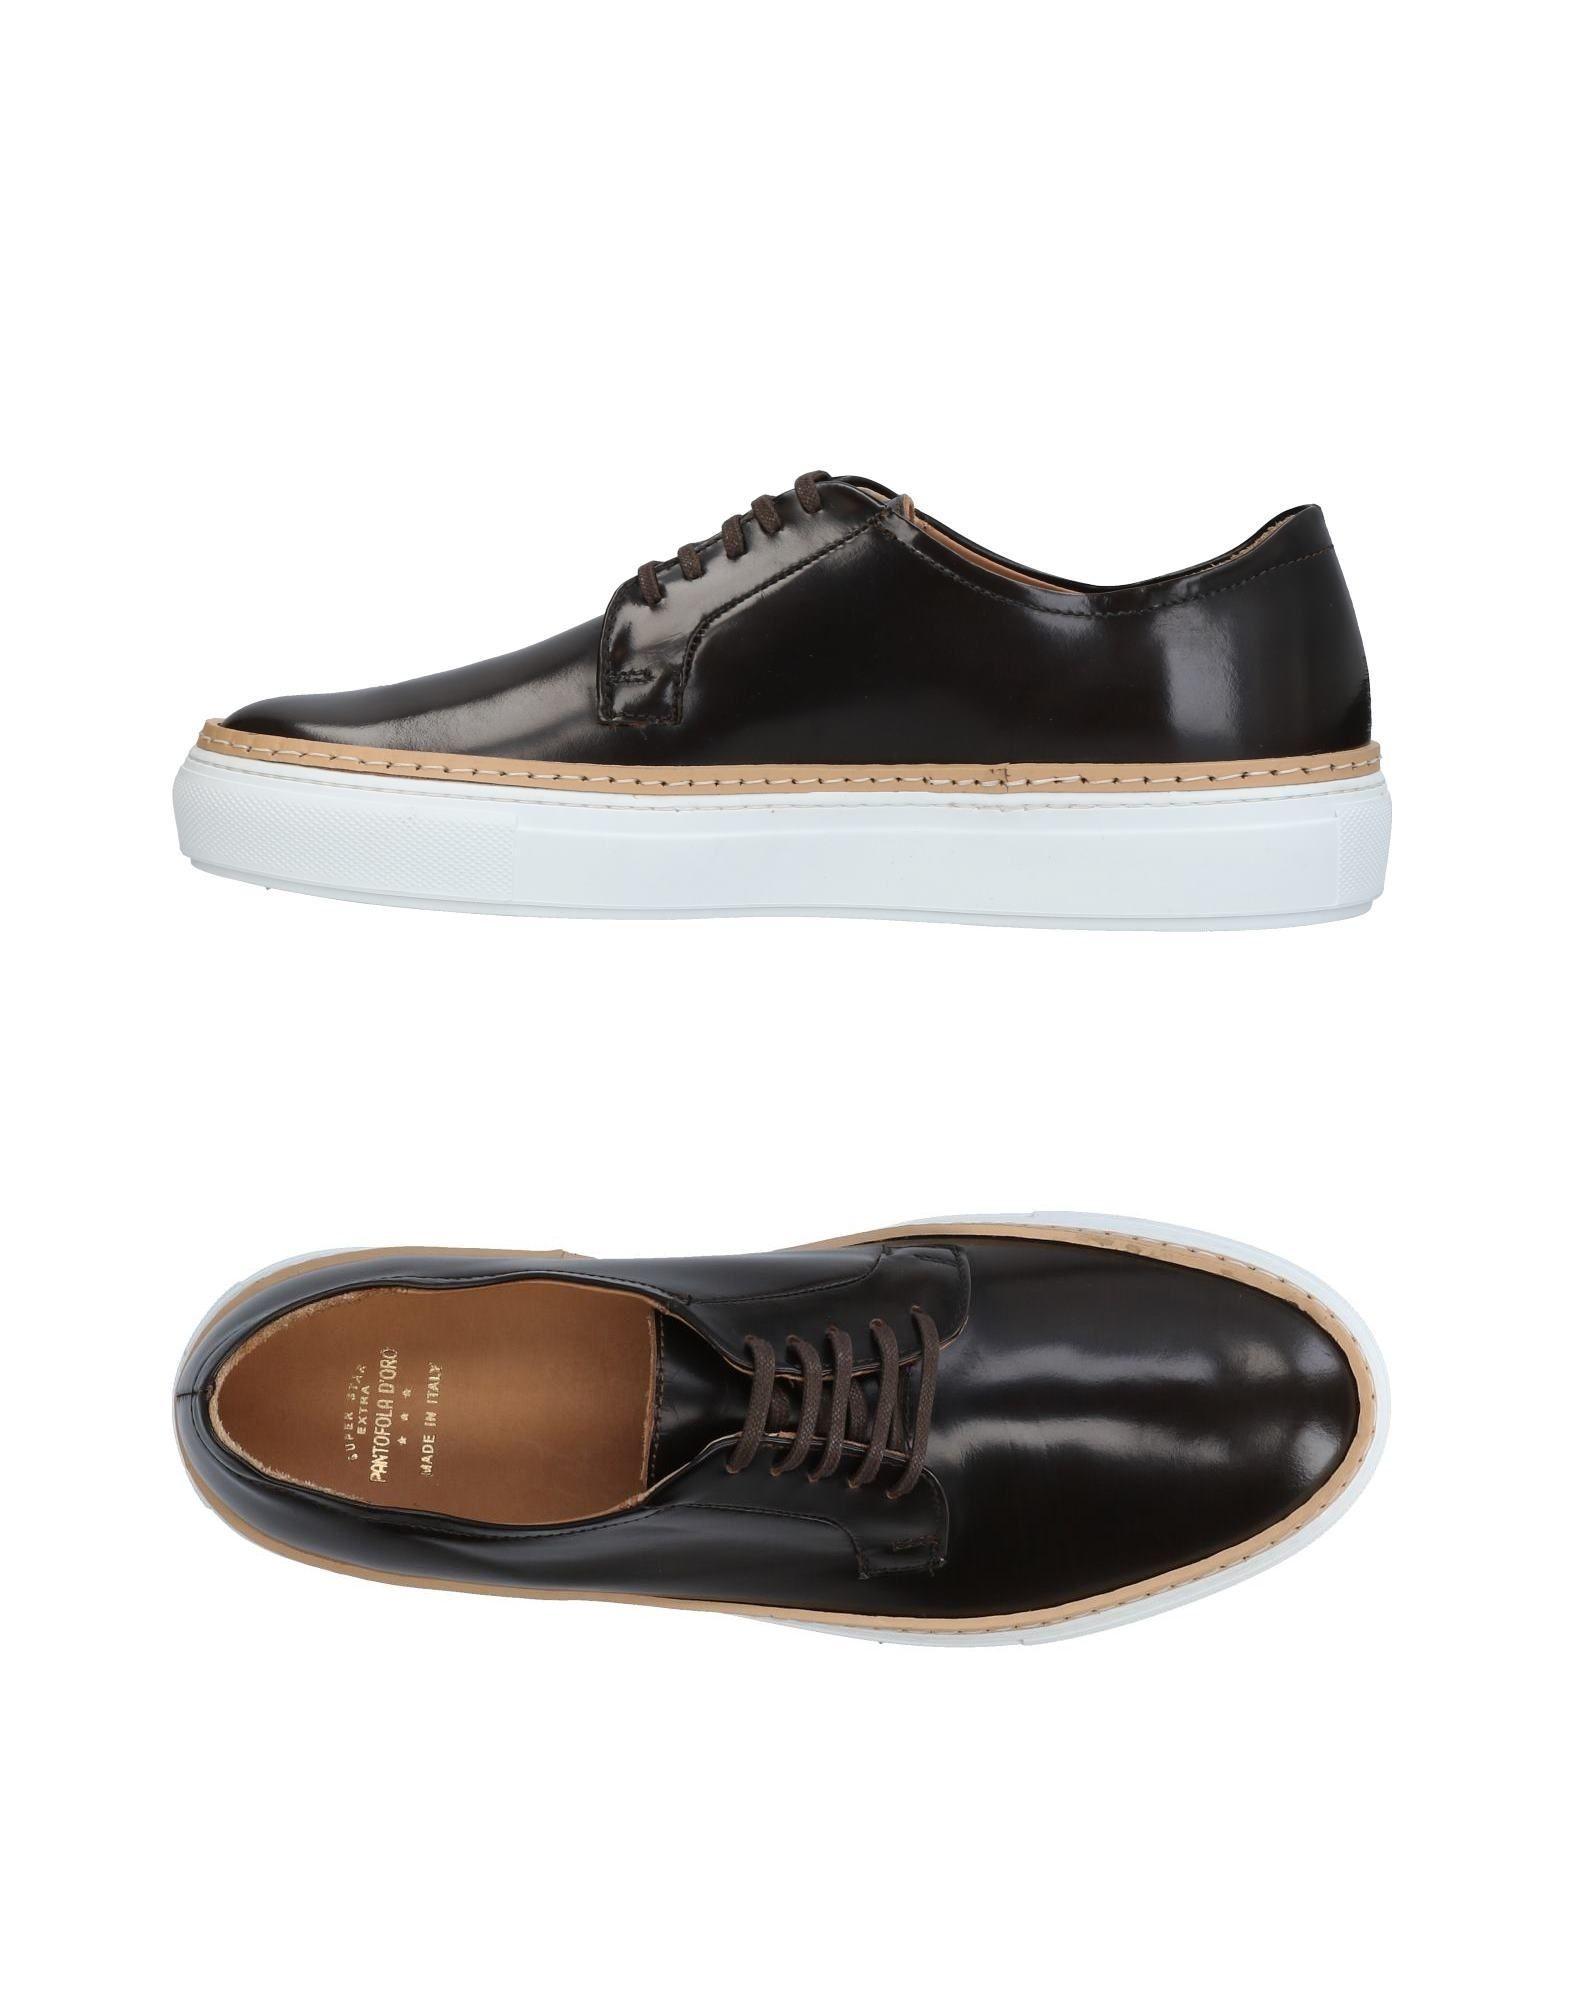 Sneakers Pantofola D'oro Uomo - 11456280LG